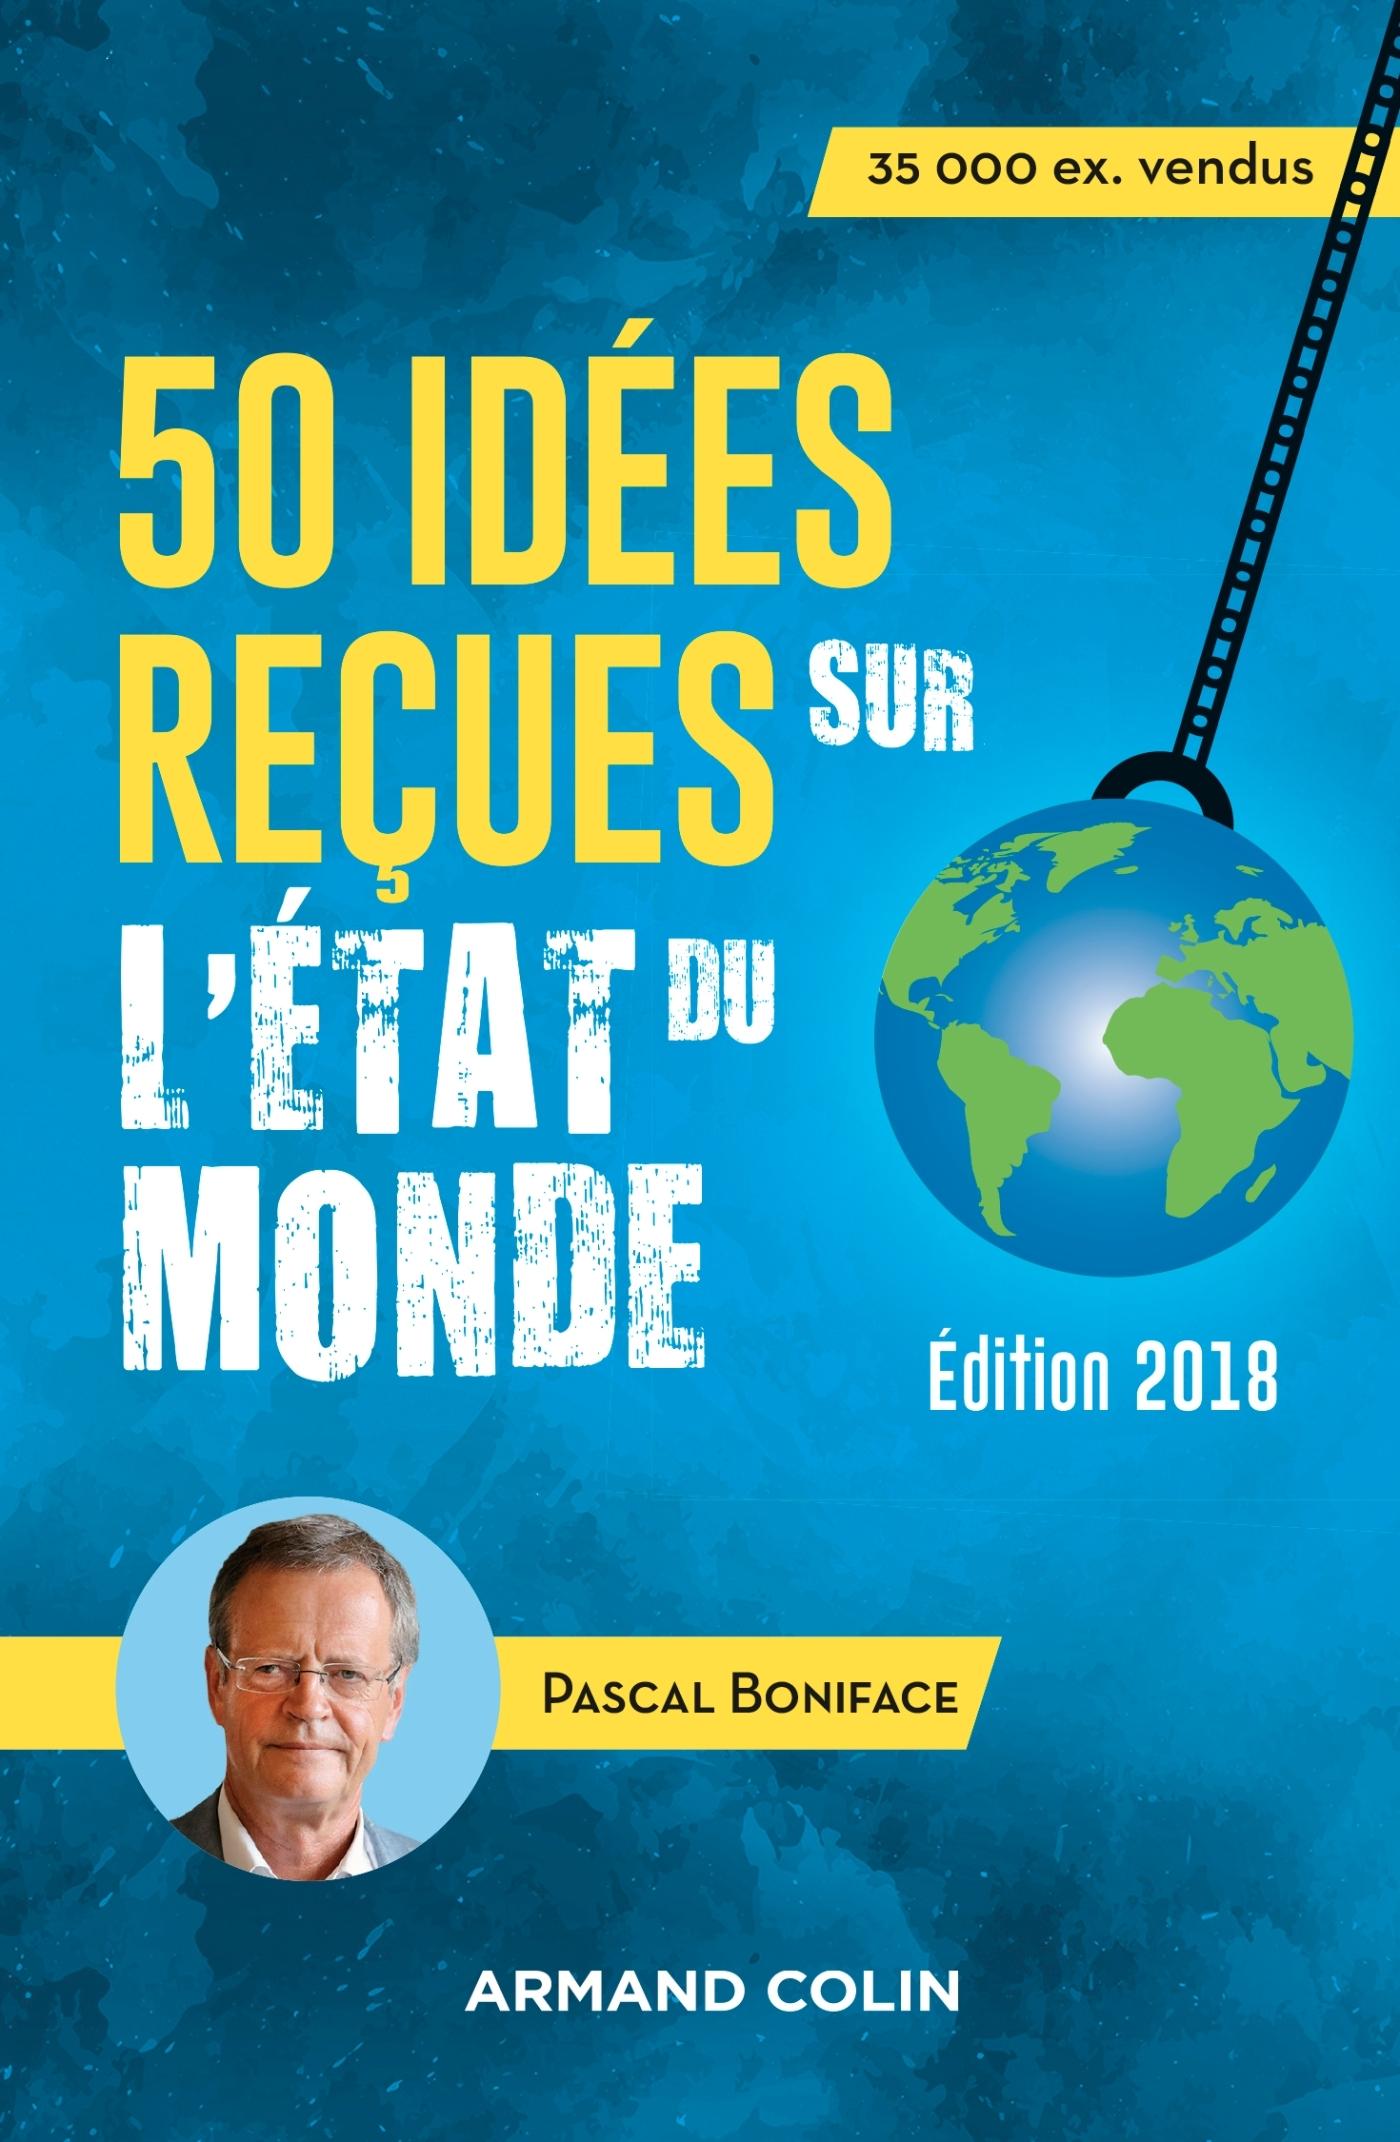 50 IDEES RECUES SUR L'ETAT DU MONDE - EDITION 2018